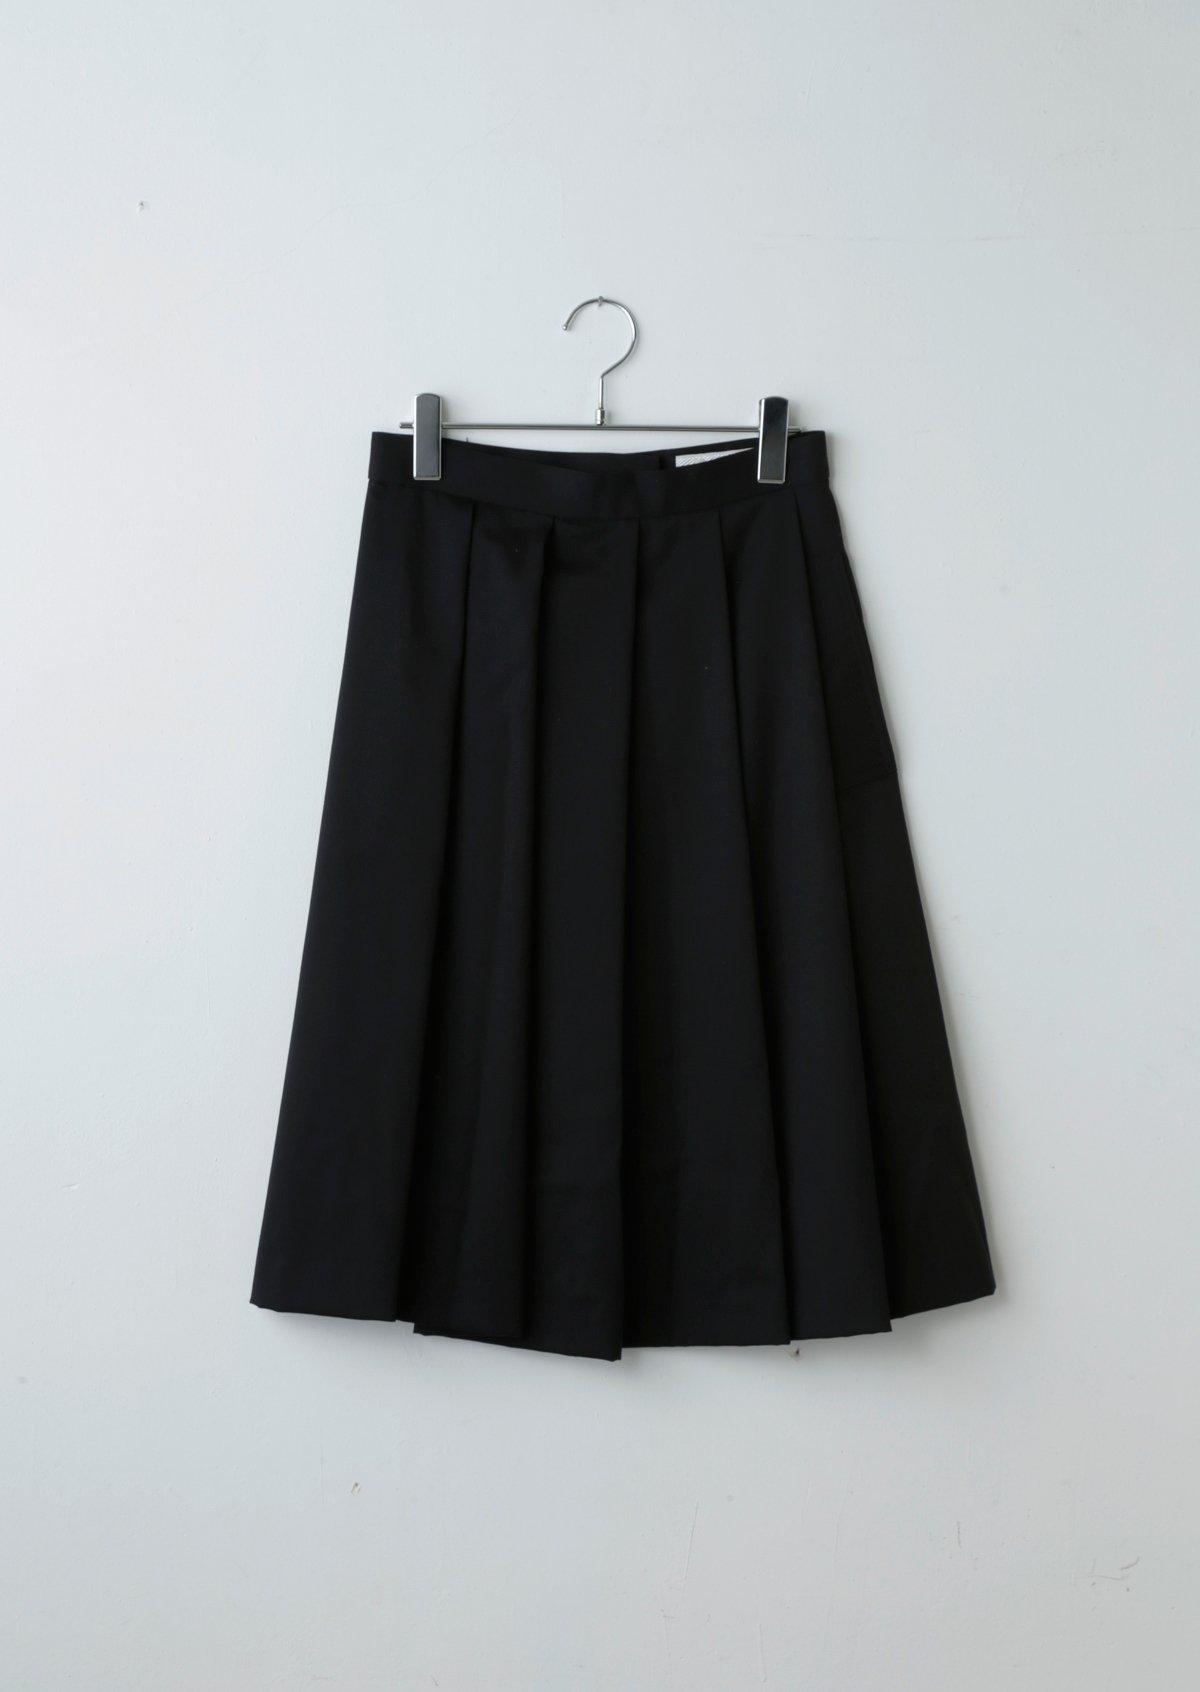 ハーフプリーツスカート